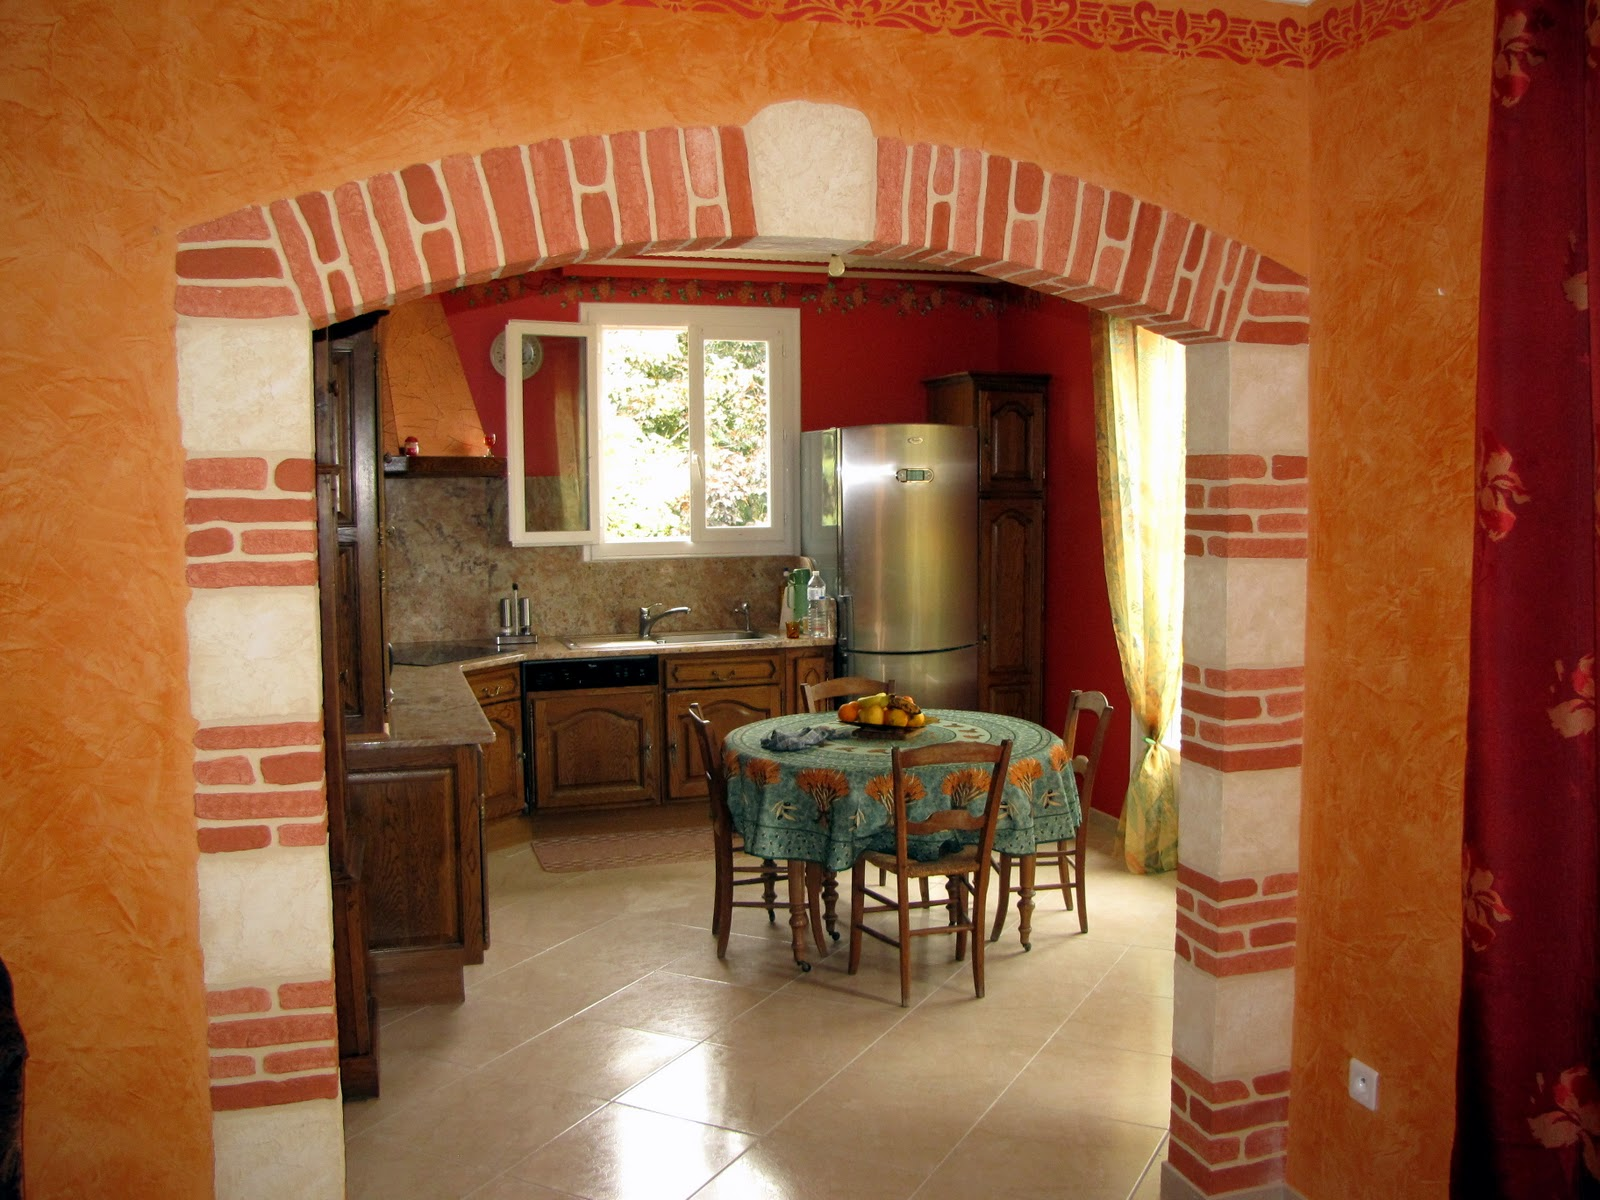 peinture d corative artisanale didier roussel voute en imitation pierres et briques en enduit. Black Bedroom Furniture Sets. Home Design Ideas